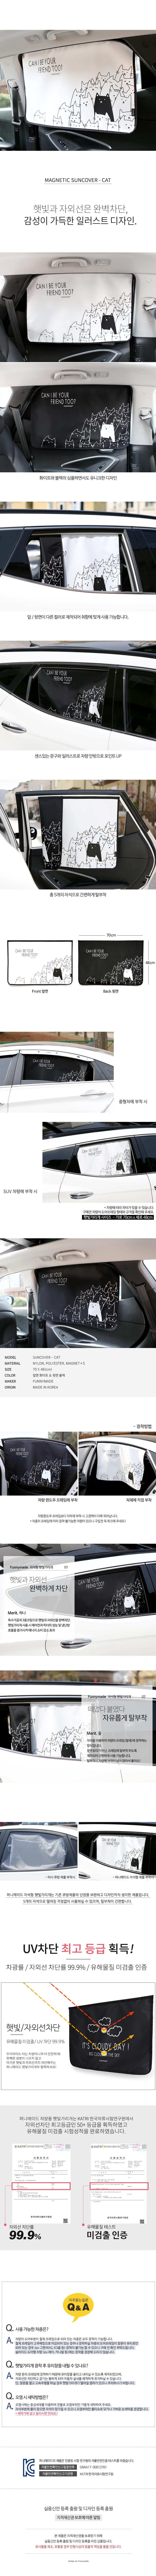 차량용 햇빛가리개-캣11,550원-퍼니메이드여행/레져, 자동차용품, 카인테리어, 햇빛가리개바보사랑차량용 햇빛가리개-캣11,550원-퍼니메이드여행/레져, 자동차용품, 카인테리어, 햇빛가리개바보사랑